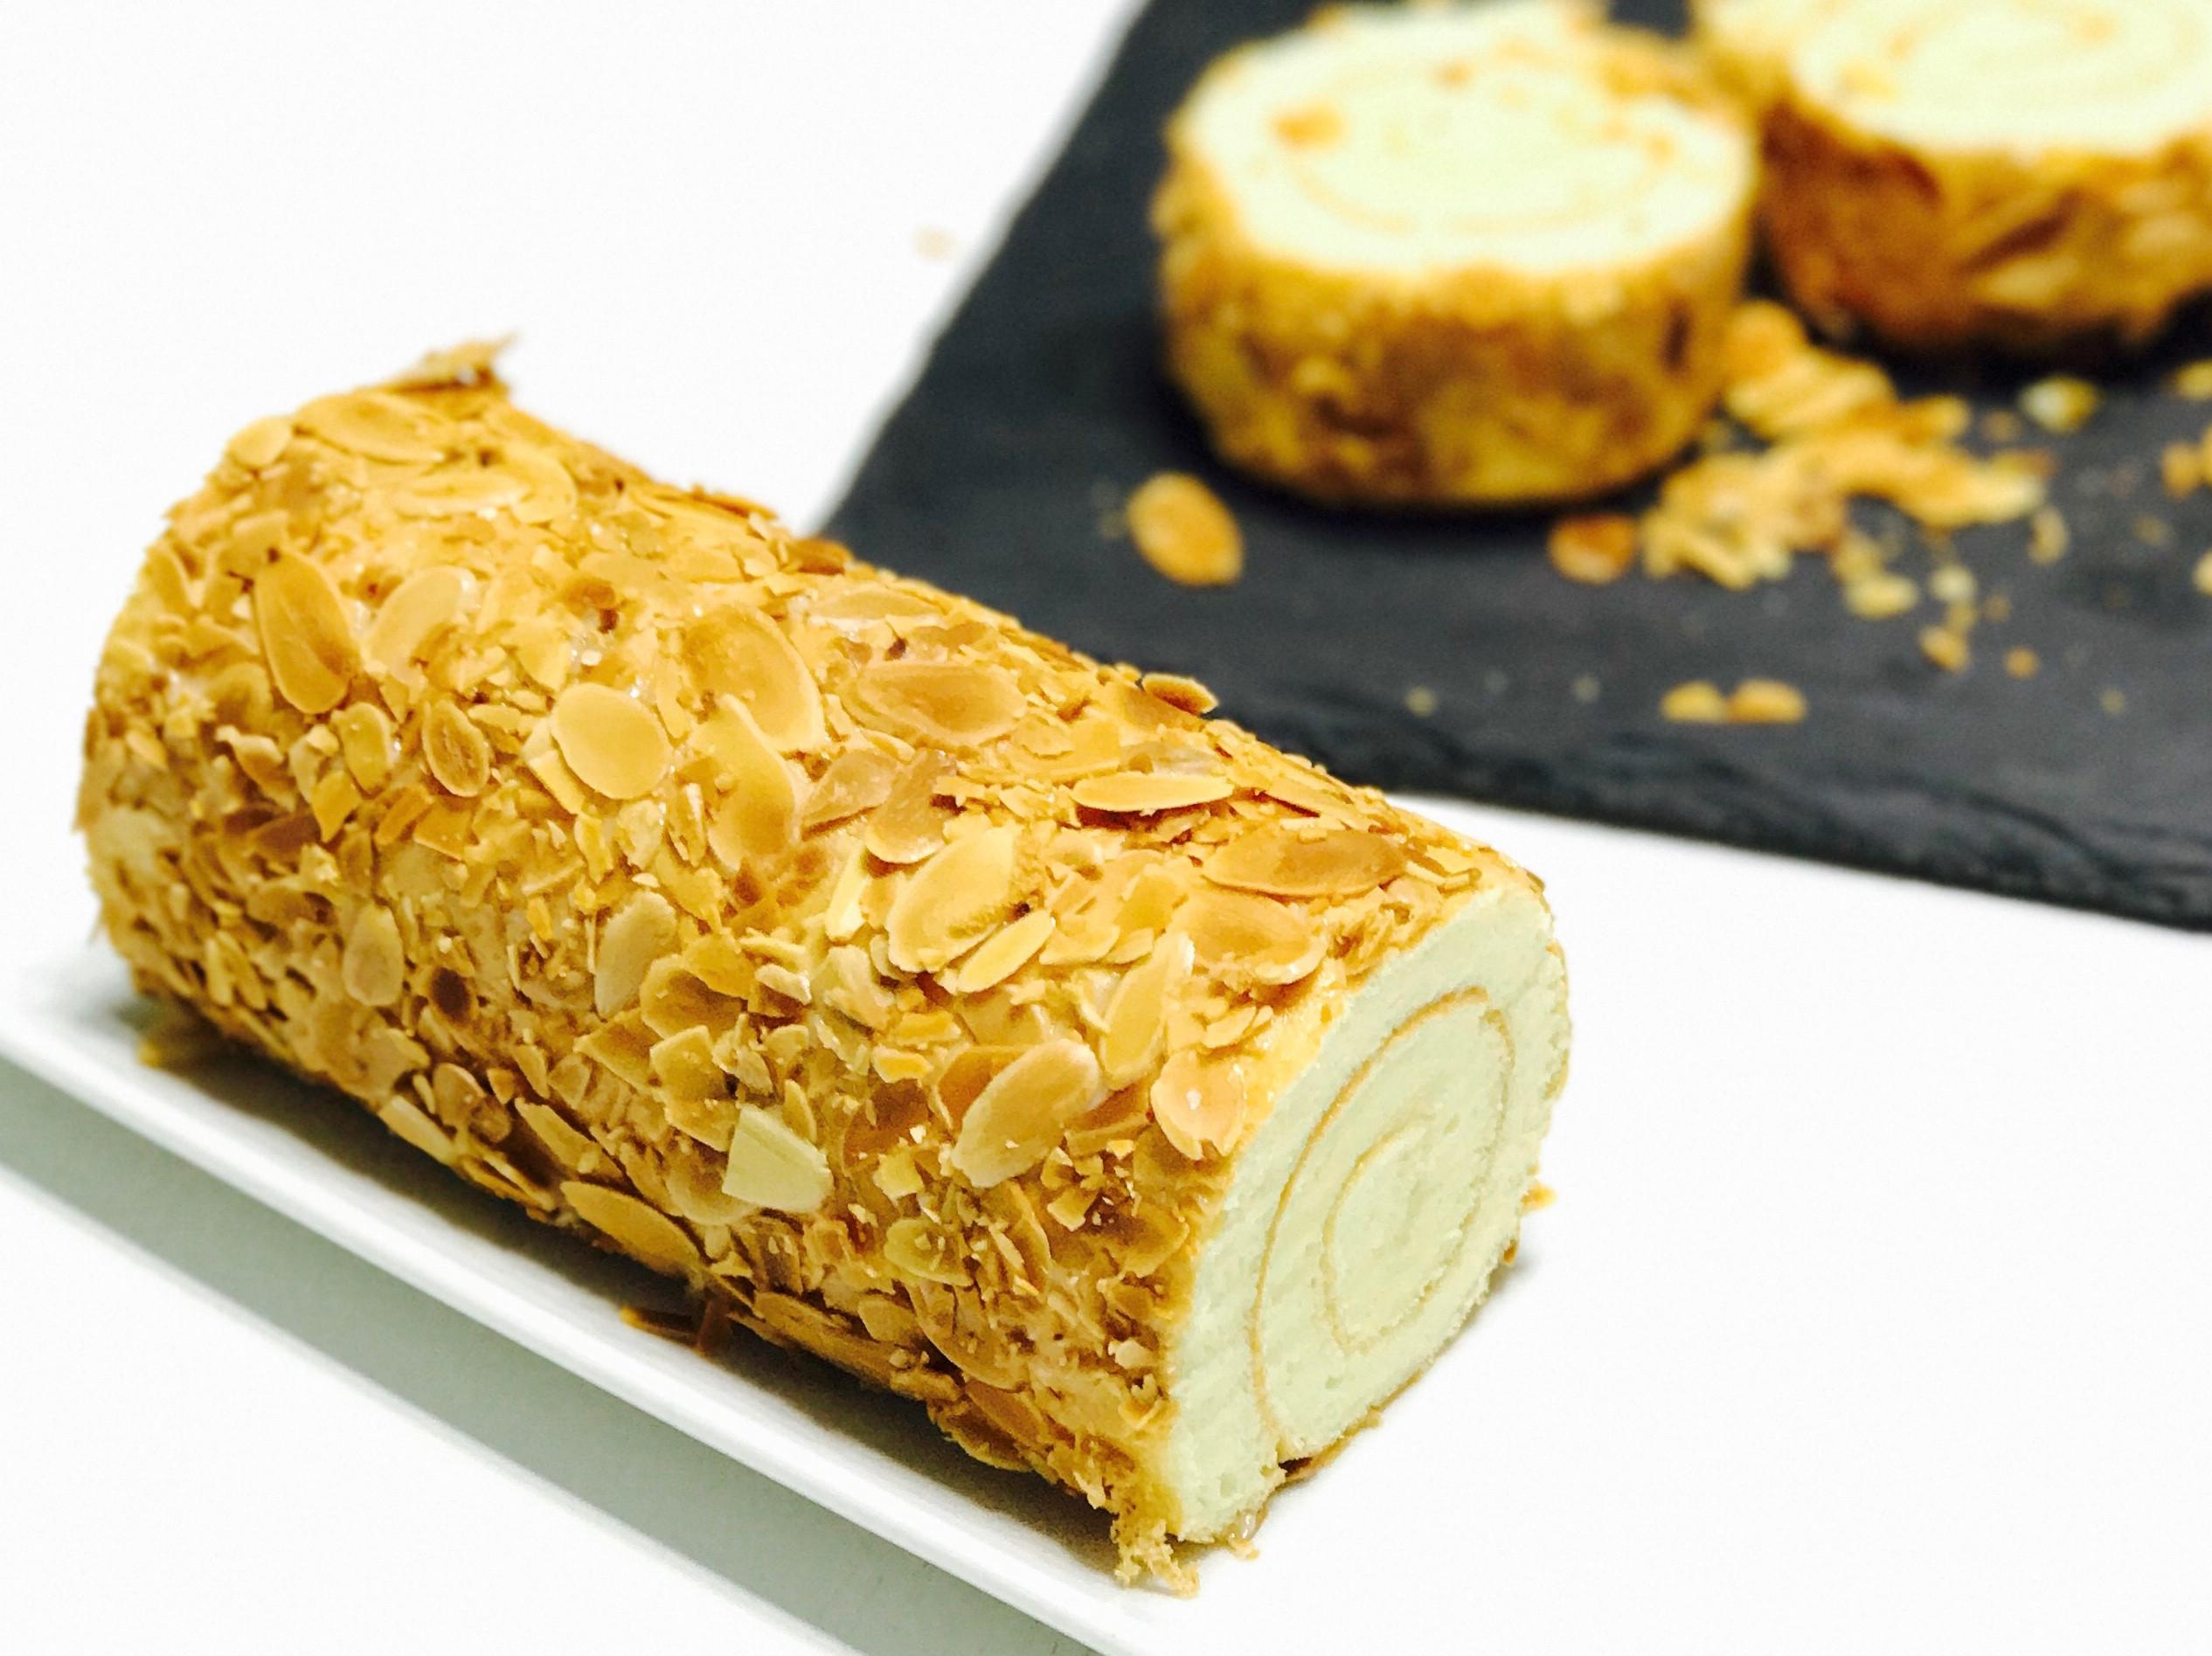 鹿背杏仁蛋卷Almond roll